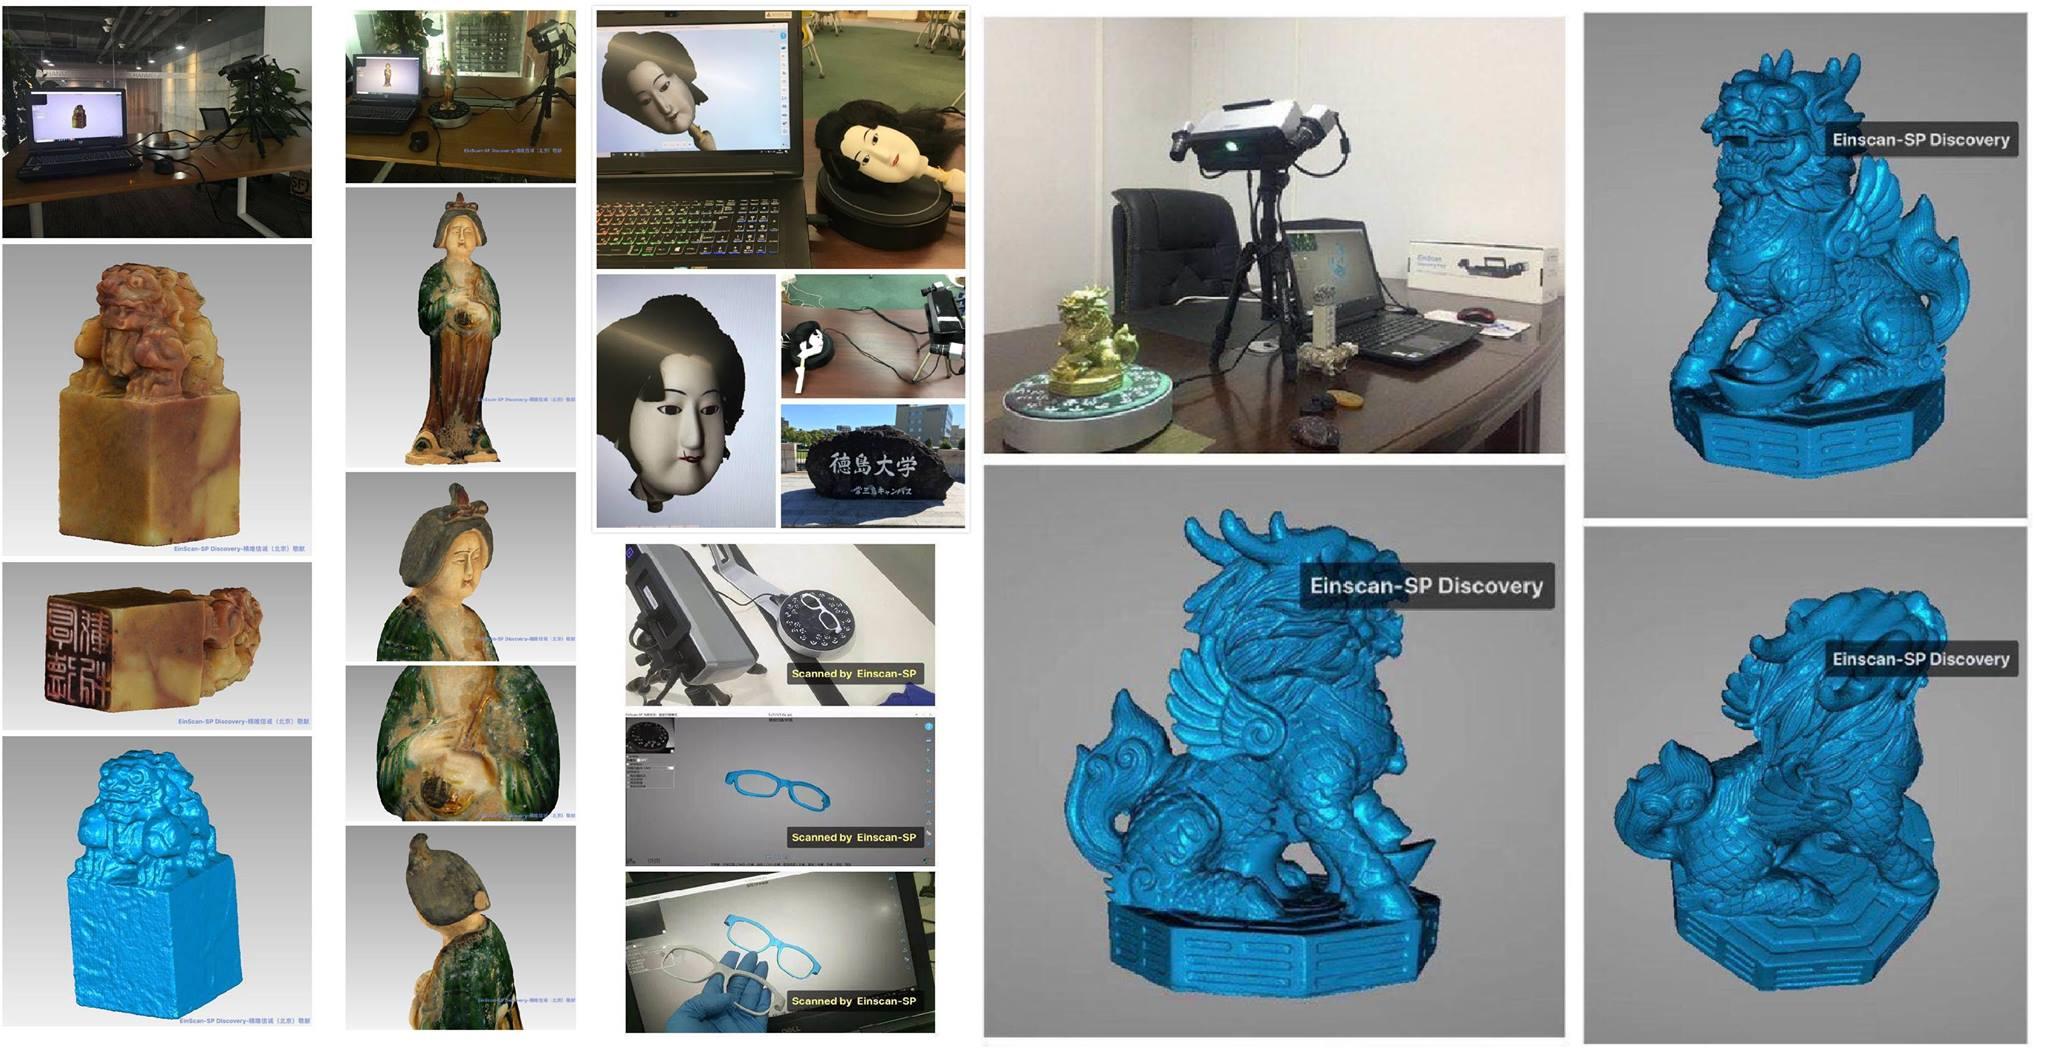 Máy quét 3D (Máy scan 3D) đơn giản-dễ sử dụng - giá tốt có thể mua ngay. Được gọi là dòng máy quét 3D Einscan SP. Máy cố định, độ phân giải 1.3 Mp...